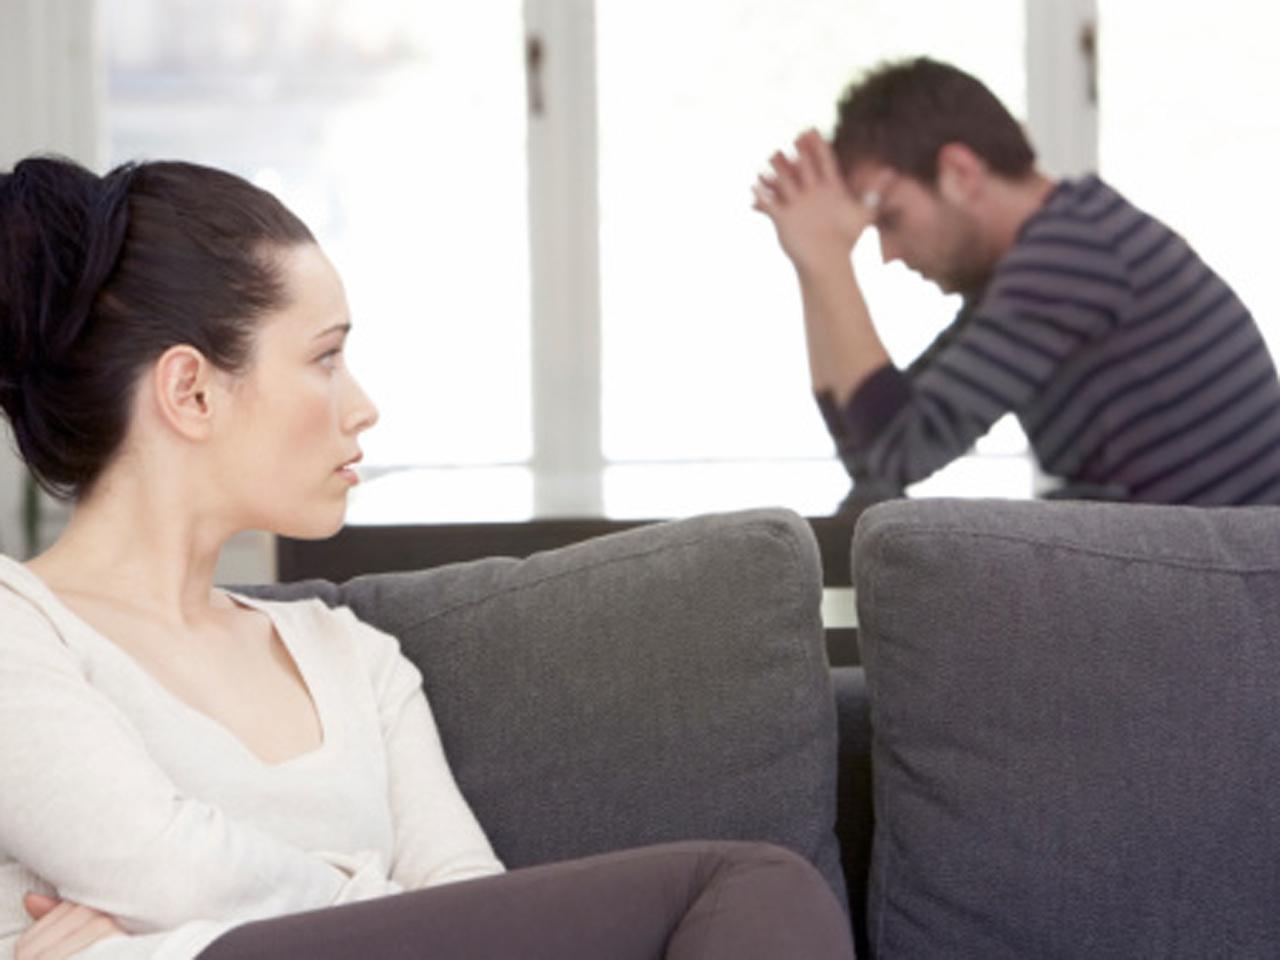 انتبهوا: العيش مع زوج كئيب أو زوجة بائسة يسبب الأمراض!